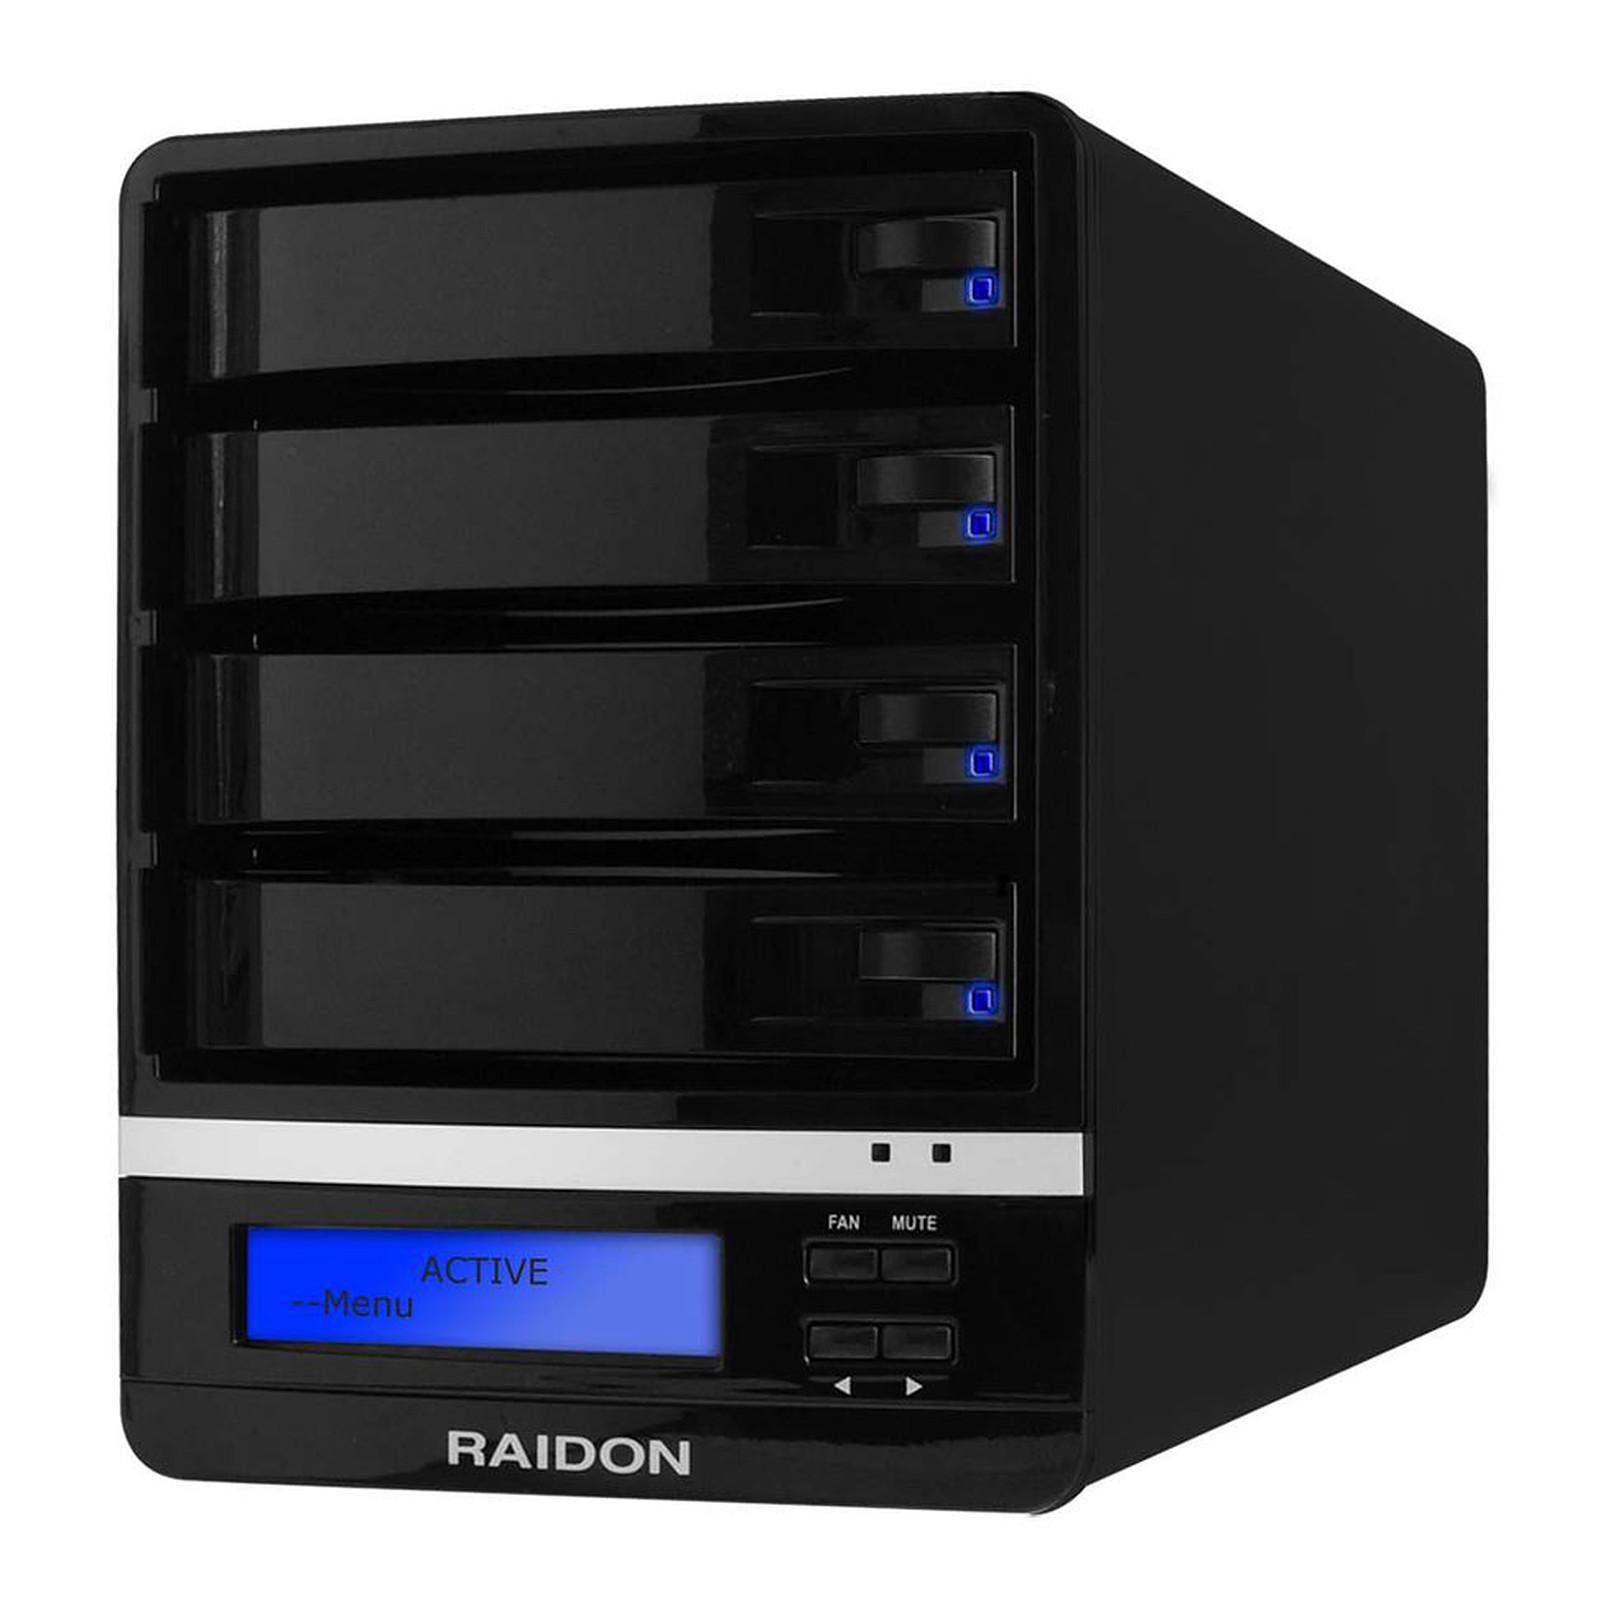 RAIDON GR5630-WSB3